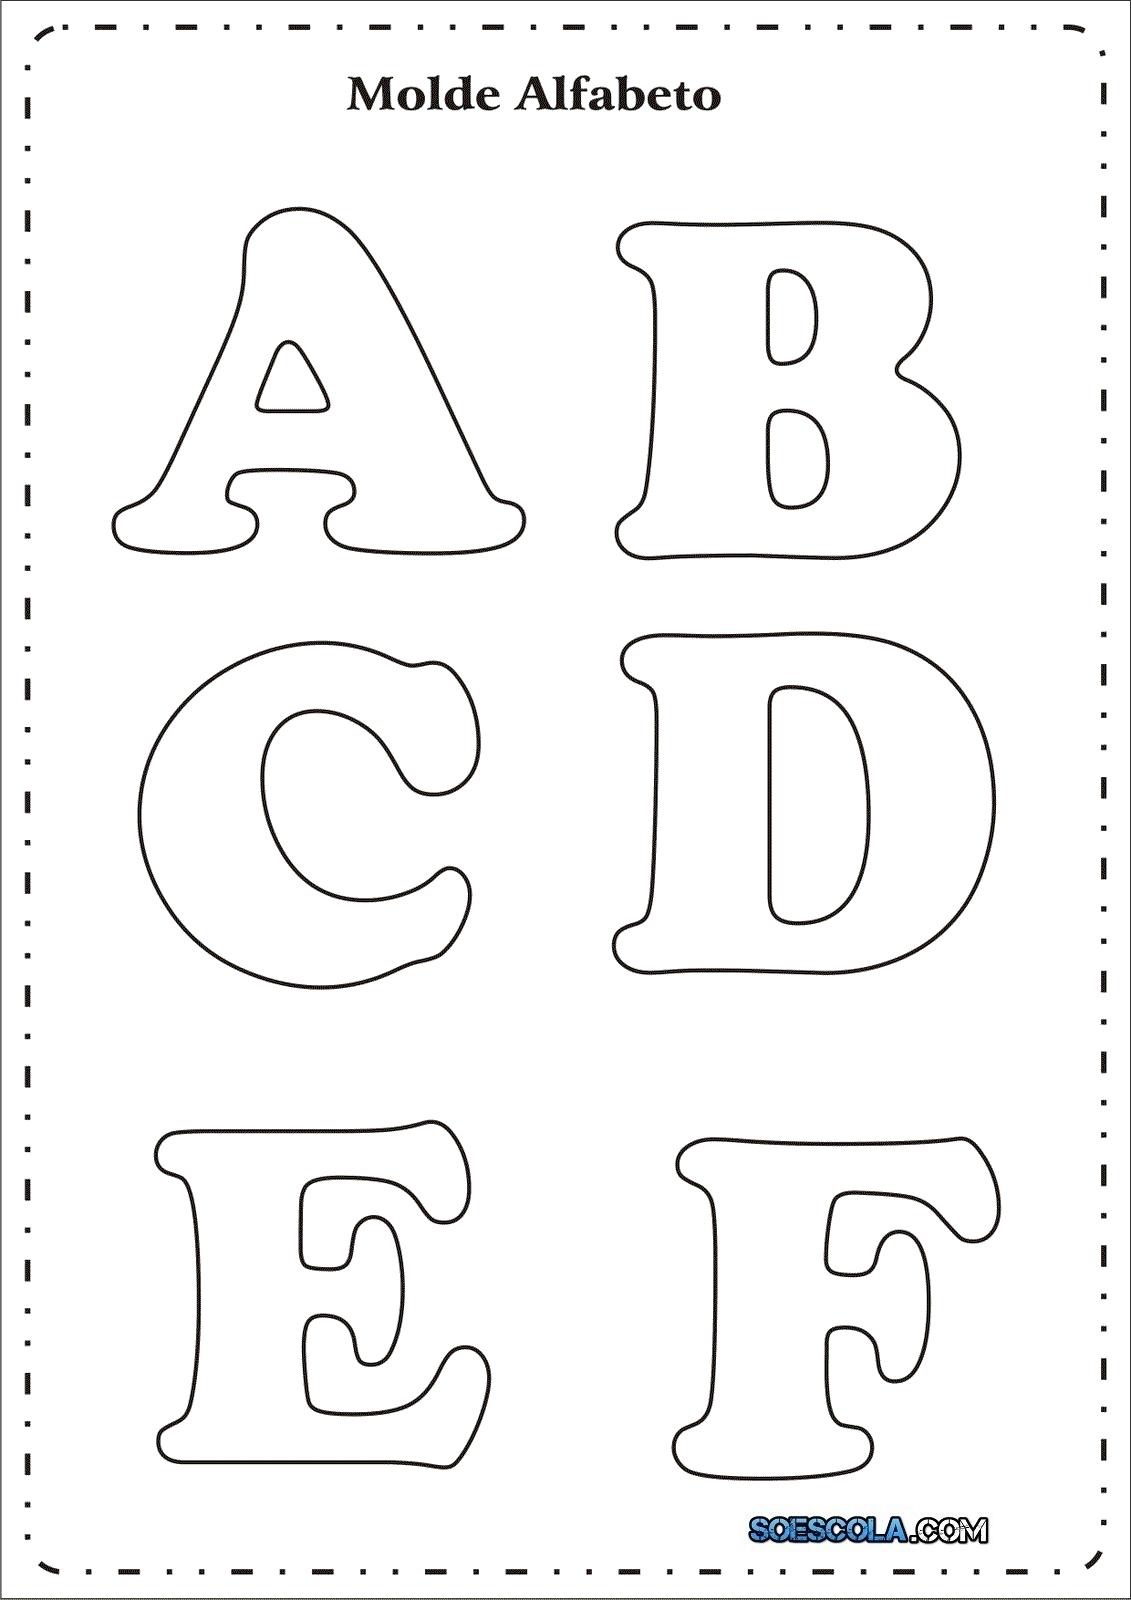 Moldes De Letras Em Eva Para Imprimir S Escola -> Modelo De Painel Com Animais Facil De Fazer Em Eva Para Enfeitar Sala De Becario